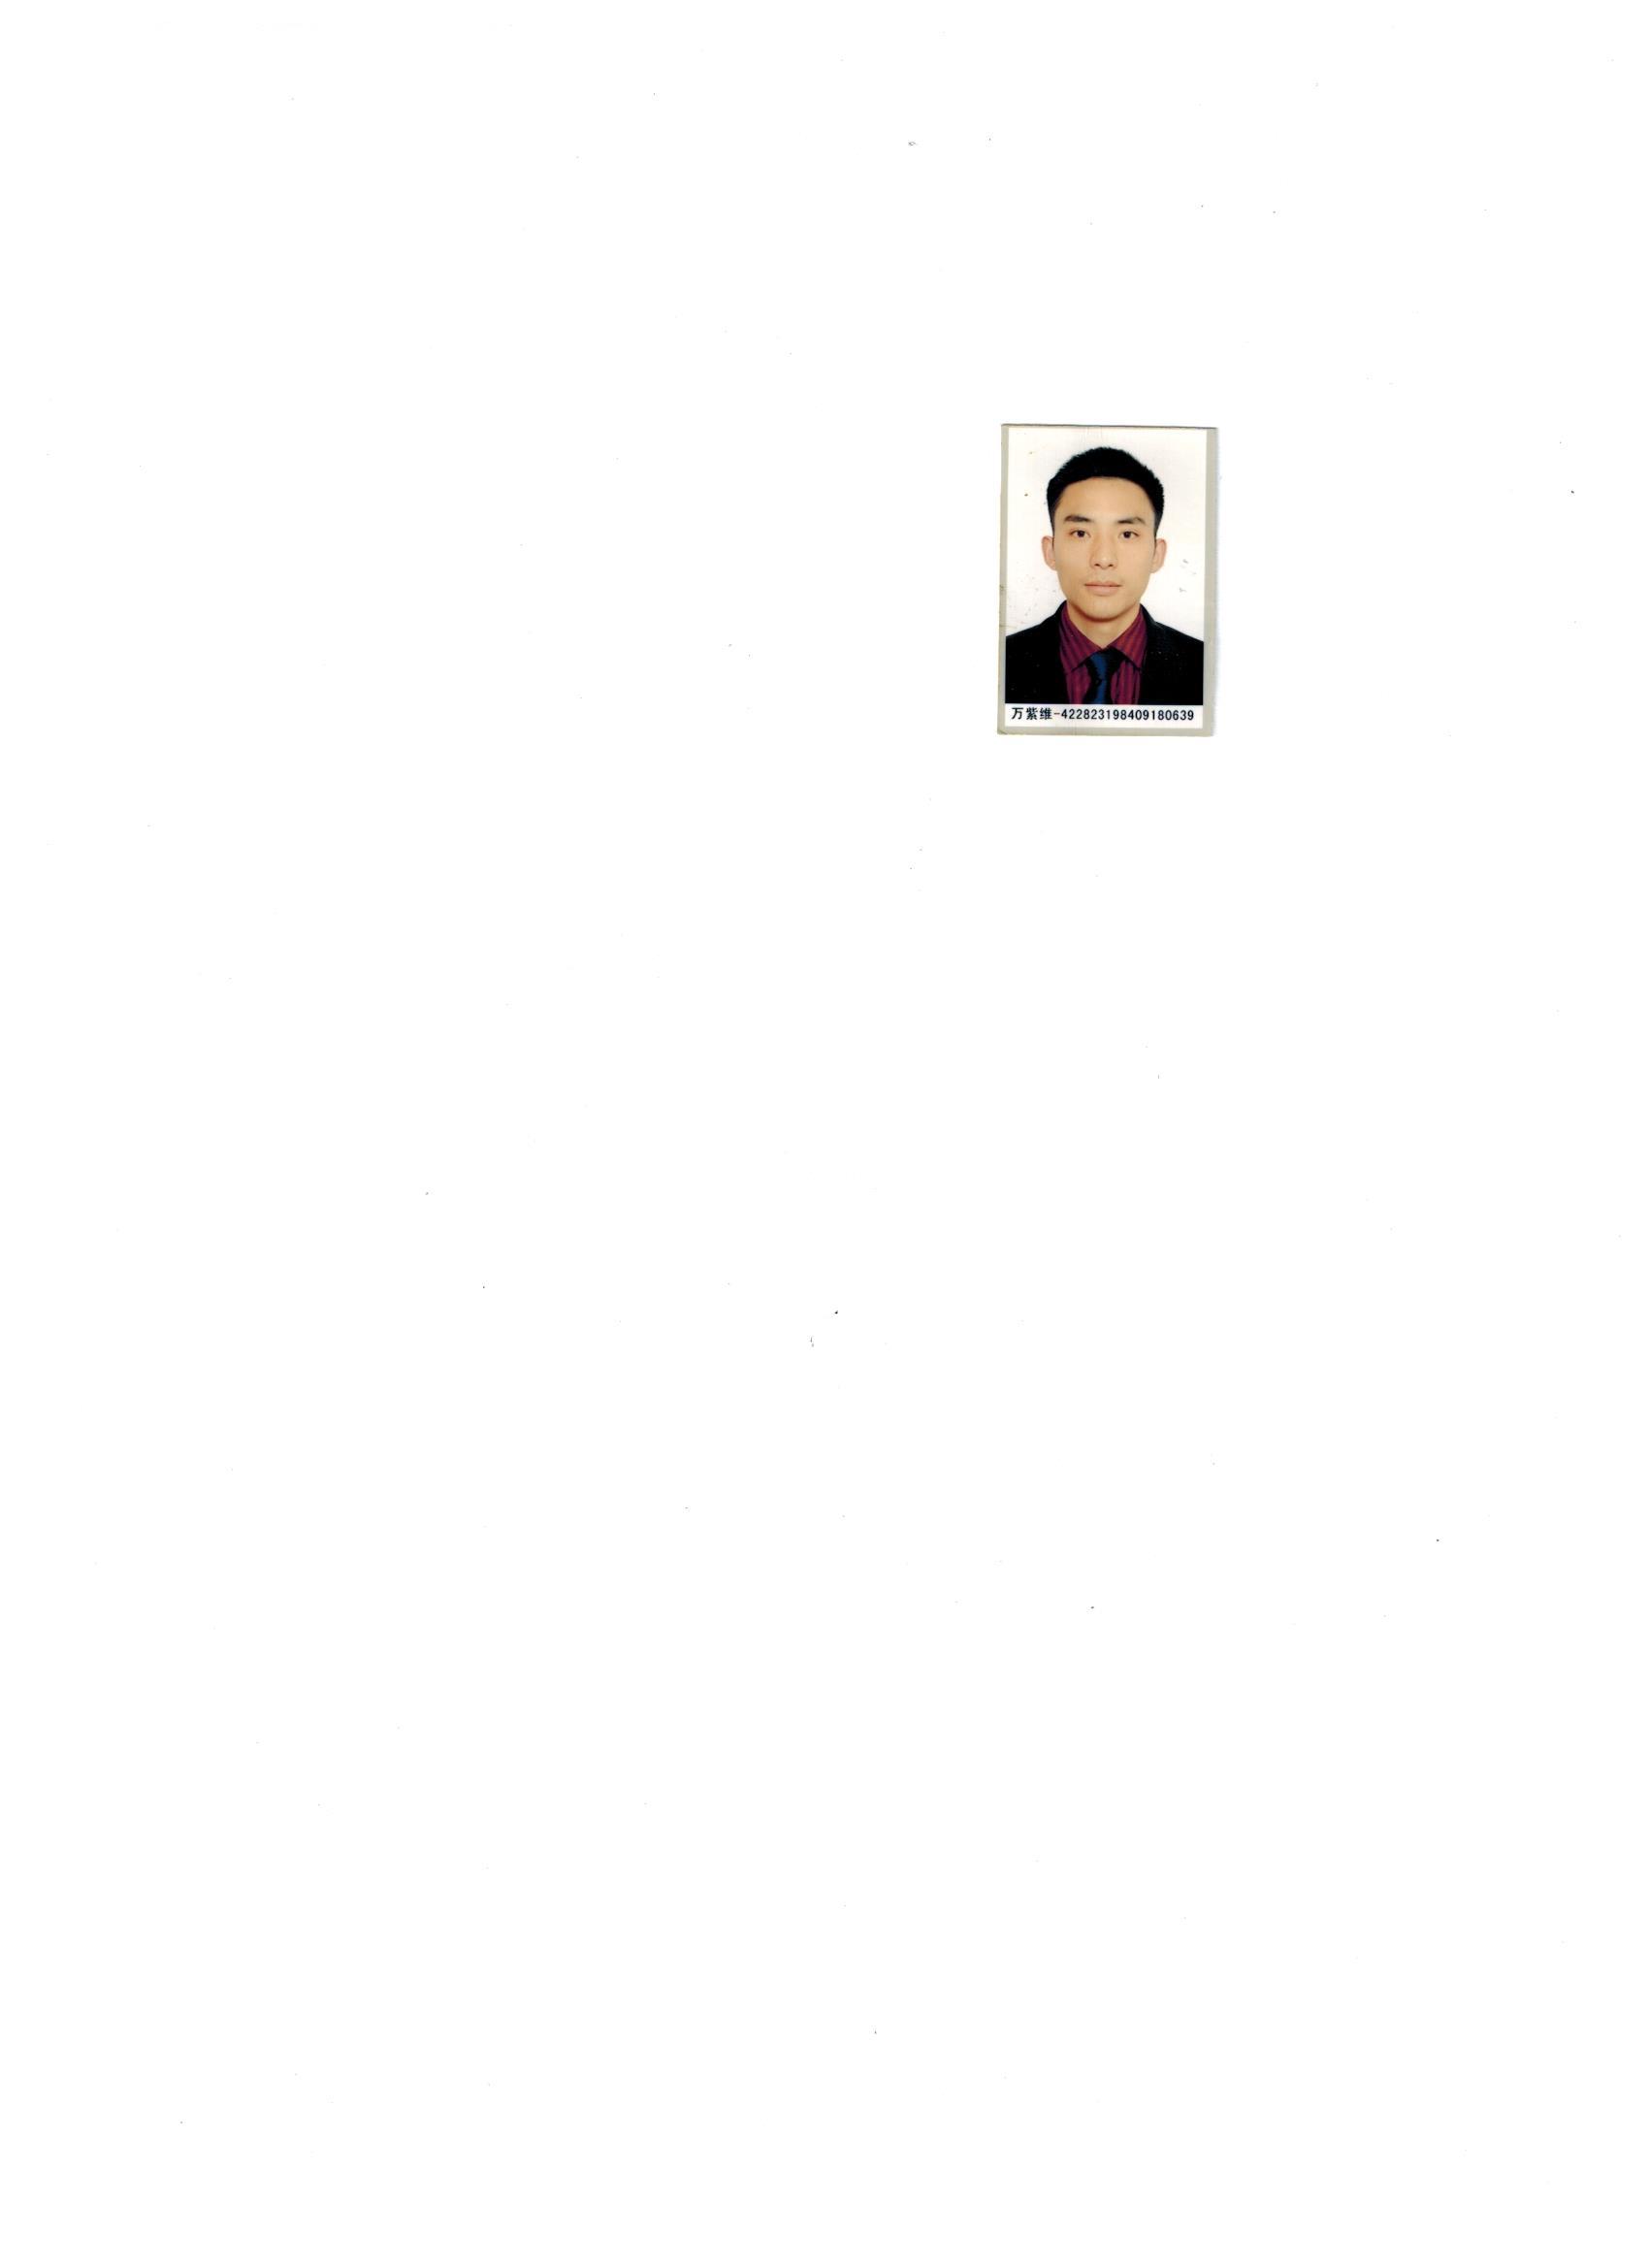 工作经历: 2014.3月---现在职我乐厨柜终端销售店面管理 2012.10---2013.12广州诺维家家居有限公司任贵州区域经理 2010年10月--2012湖北省咸宁伊恋整体家居有限公司华中区销售经理 自我介绍: 大专学历(另项目管理师证在考) 已婚 服务于广州诺维家订制家居、浙江美大集成灶、南京我乐厨柜的5家终端店面、团队现有人员43人、年销售额超1500万元 会CAD设计、PPT、Excel、Word等办公软件操作,持C照驾龄7年